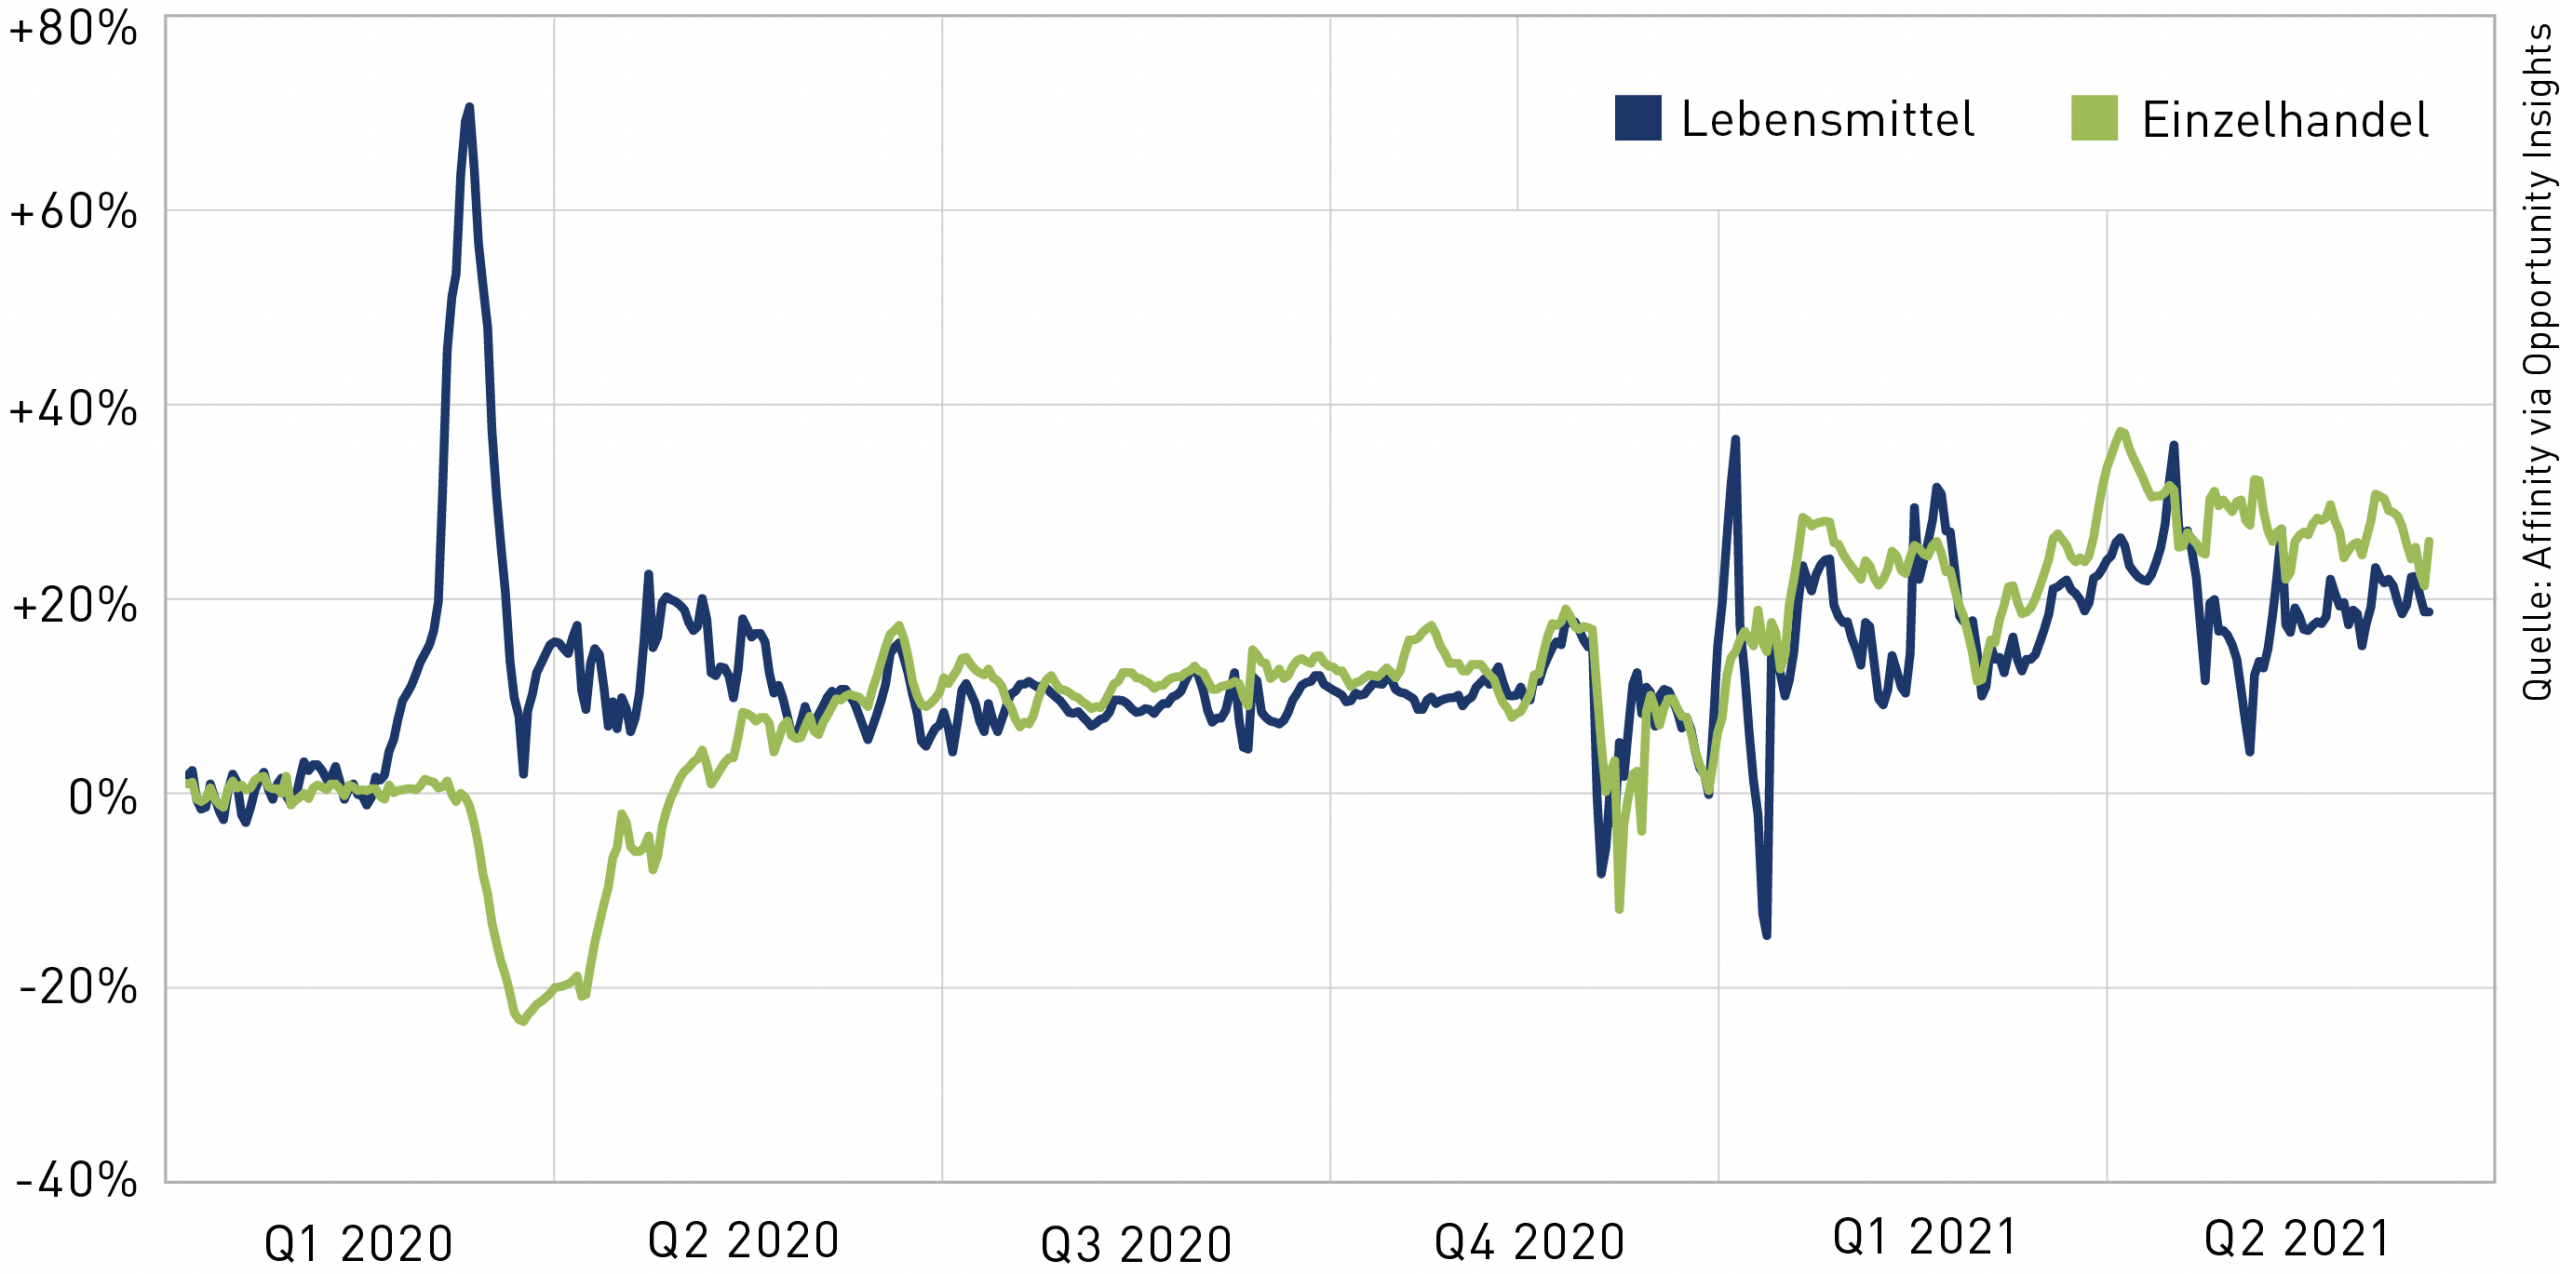 Inflation in den USA 2020 und 2021, Lebensmittel und Einzelhandel